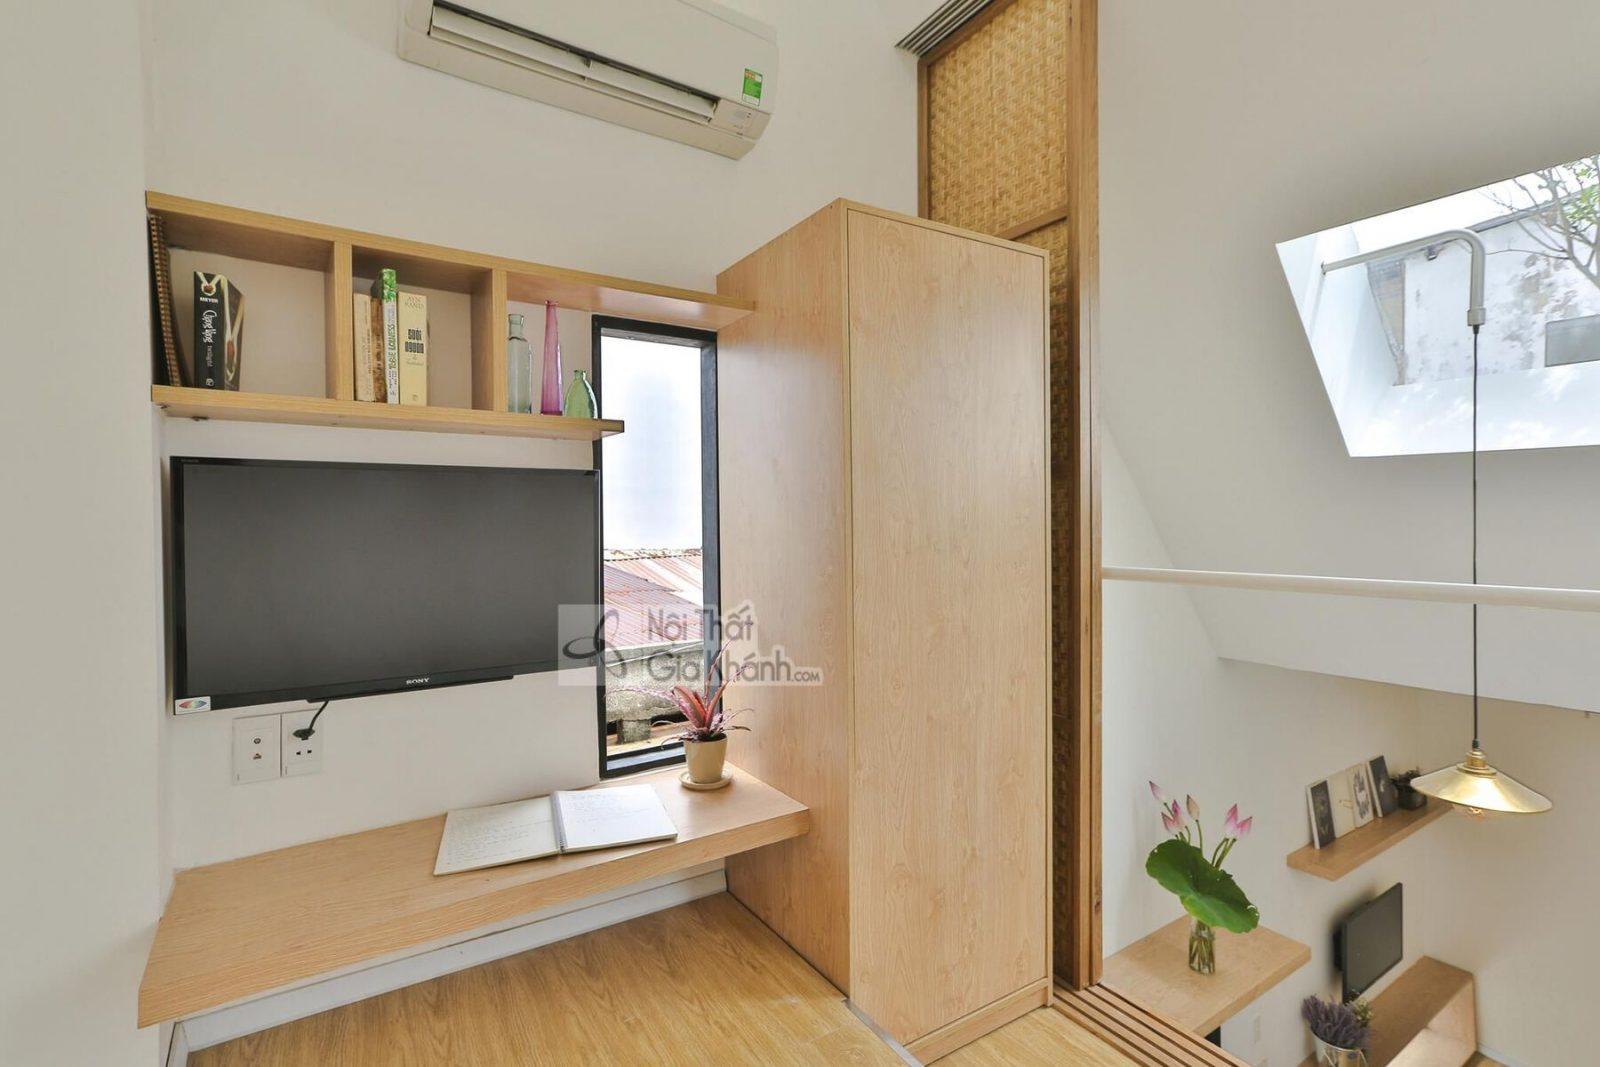 Kệ tivi được thiết kế với các ngăn chứa đồ, khóa kéo, lại có thể gấp gọn